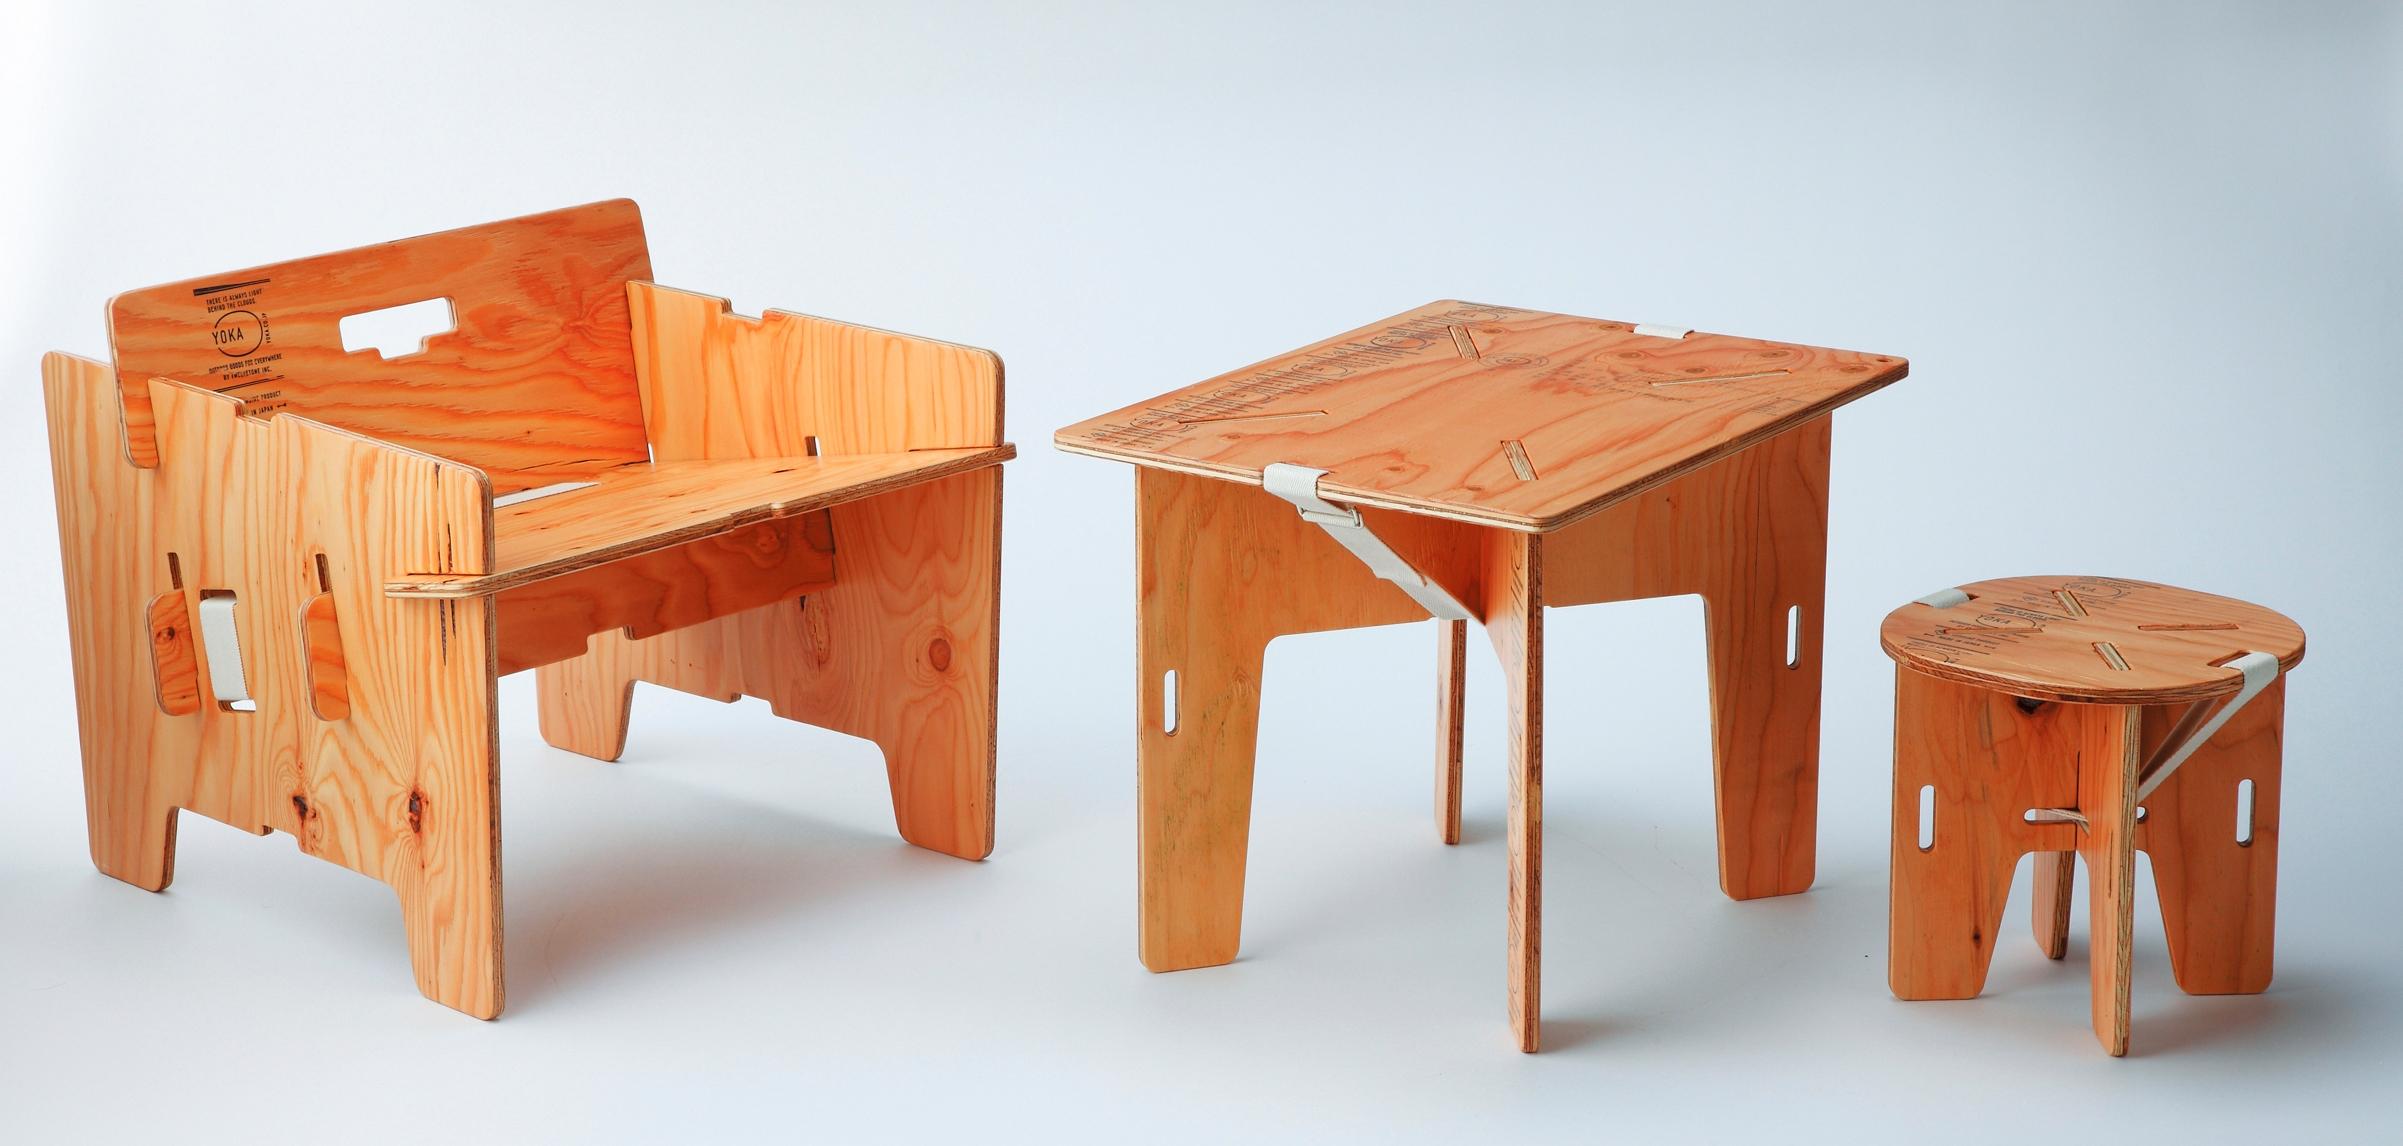 家でも使えるキャンプ用家具】木製パネルの組み立て式!「yoka」|be-pal